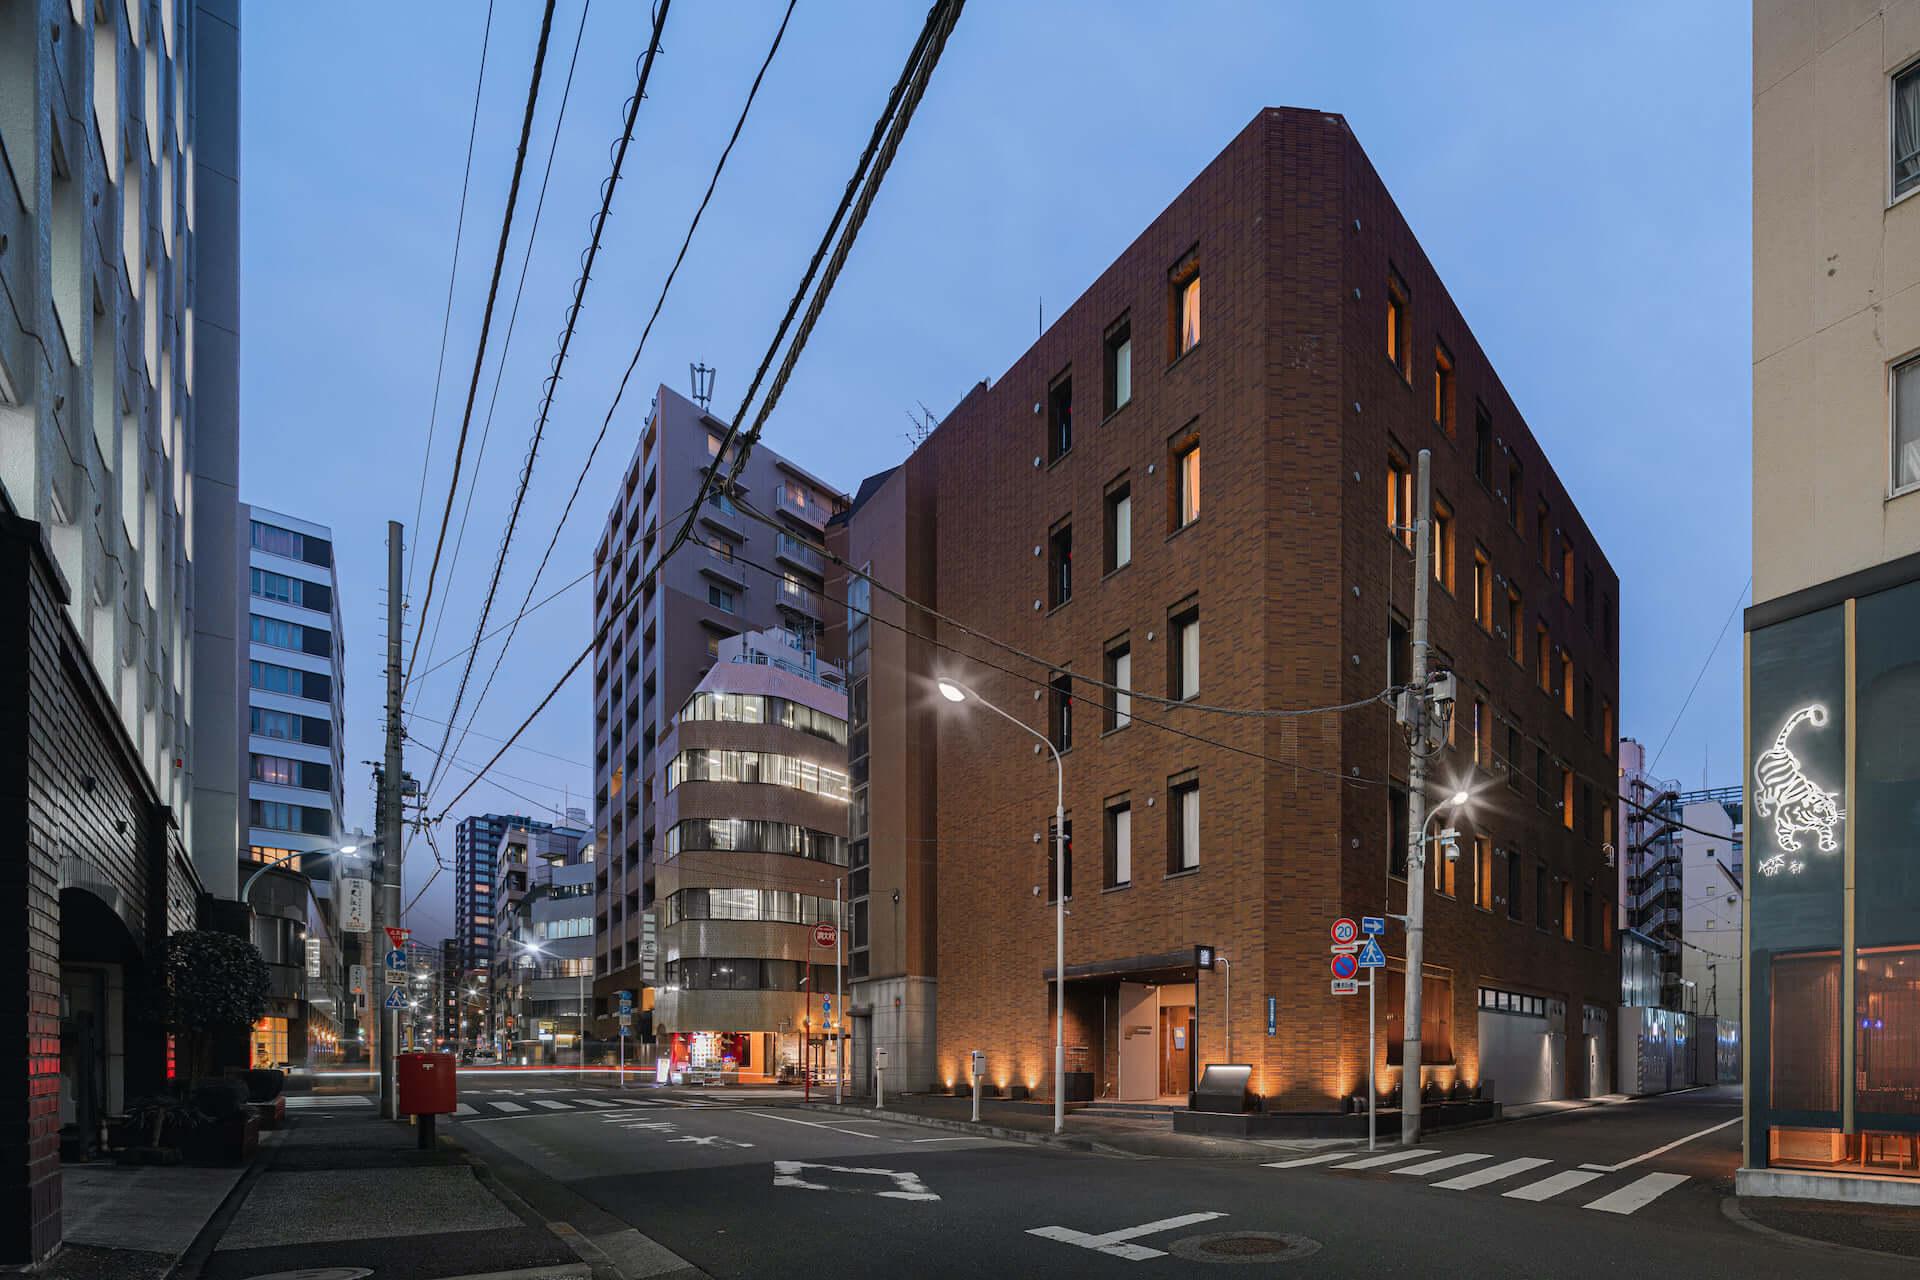 泊まれるアート作品が26部屋も!YOSHIROTTEN、カワムラユキらが参加したオルタナティブホテル「BnA_WALL」が日本橋にプレオープン lf201203_bna-wall_5-1920x1280